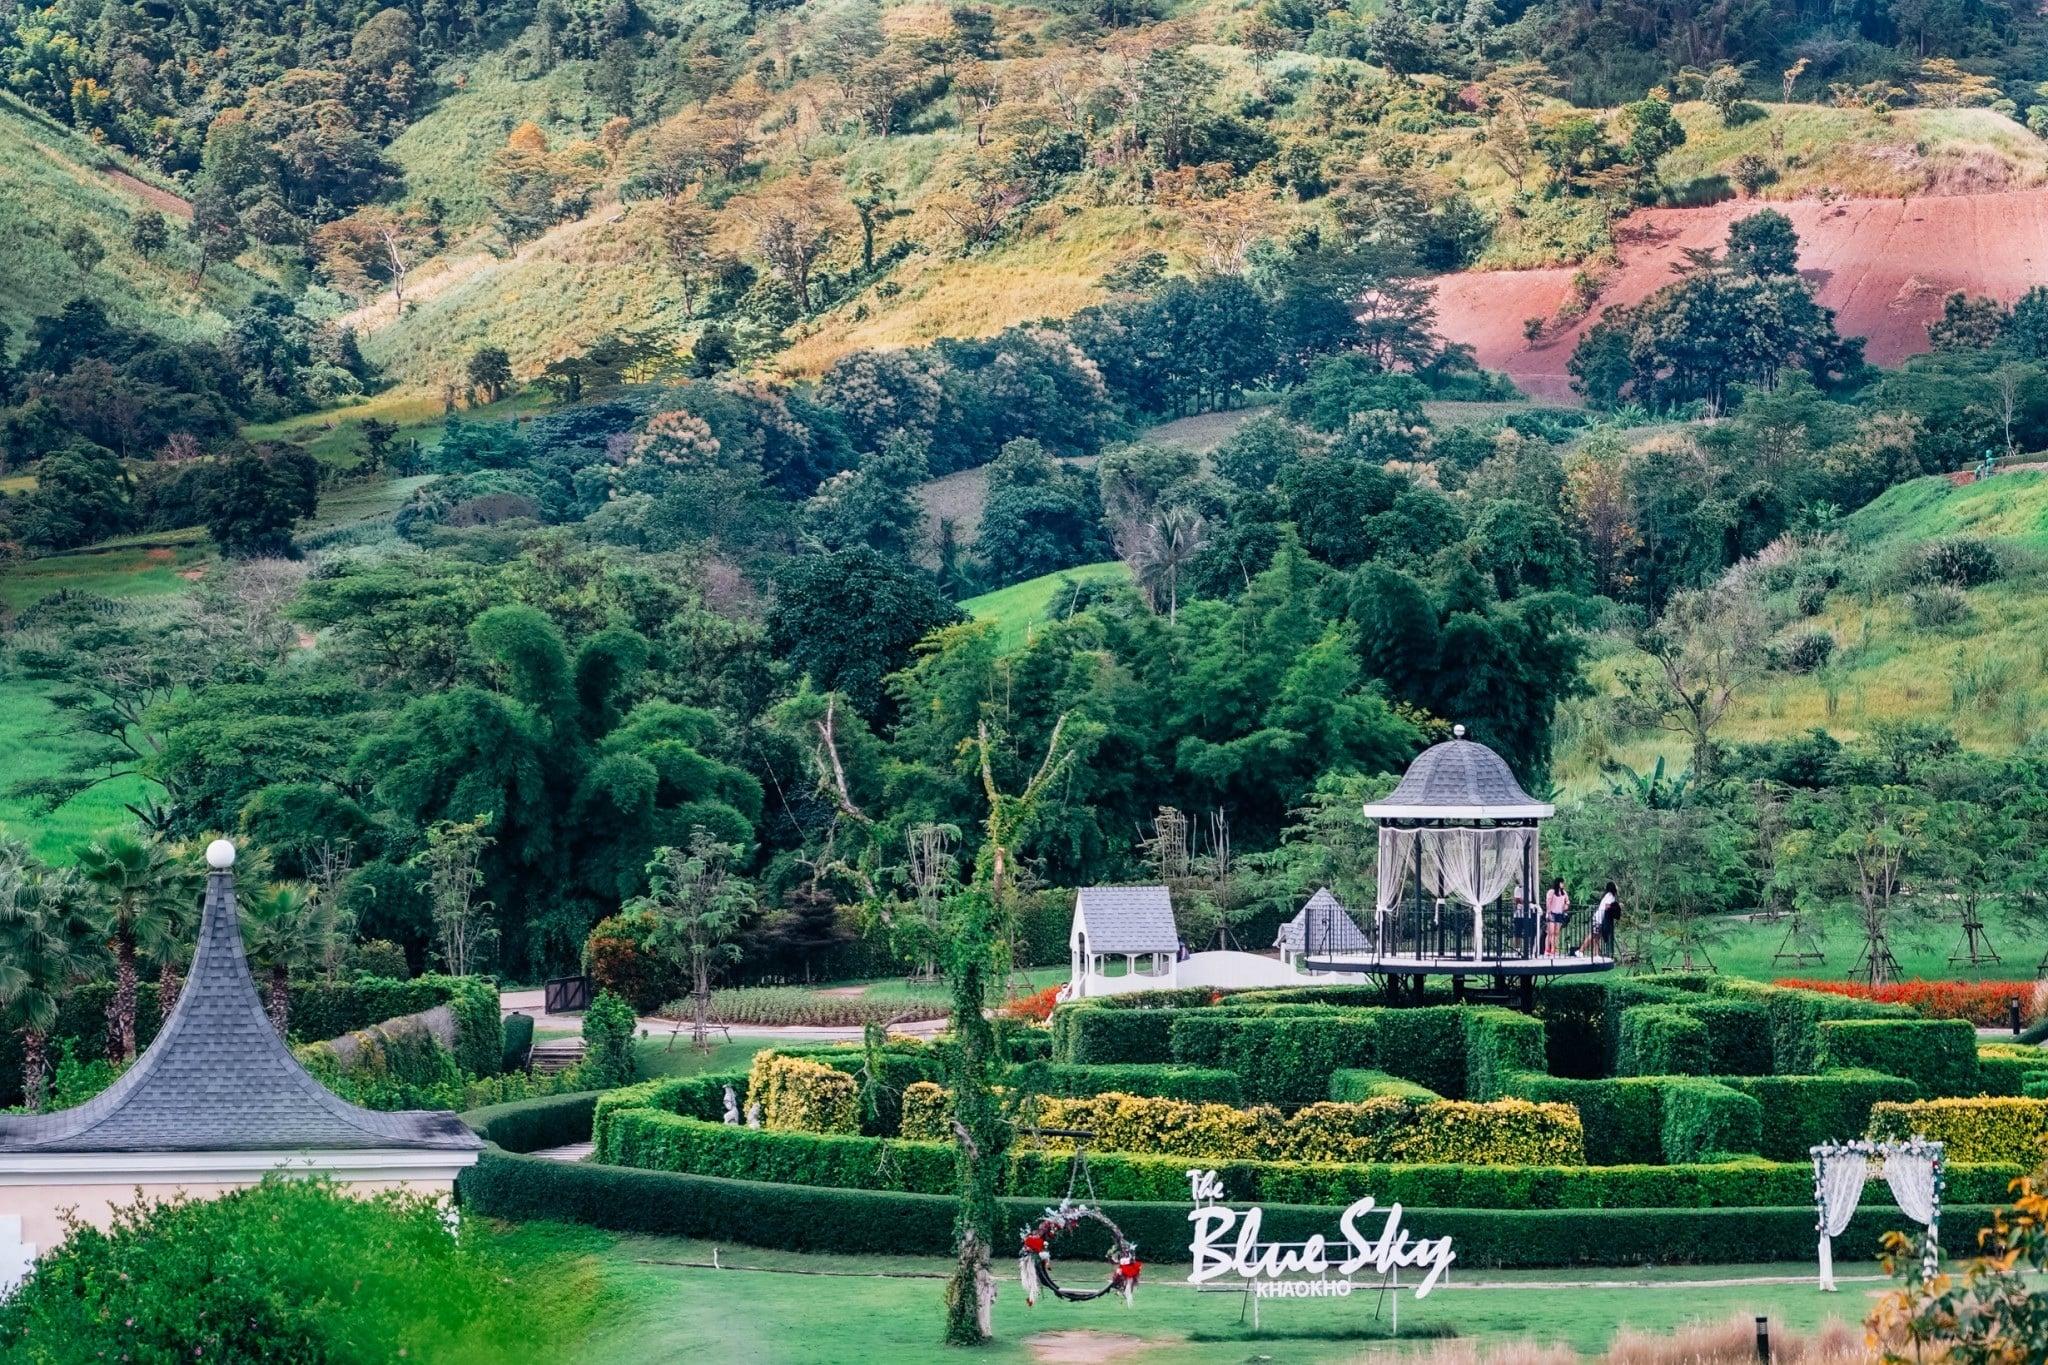 The-Blue-Sky-Resort-Khao-Kho-ivivu-4